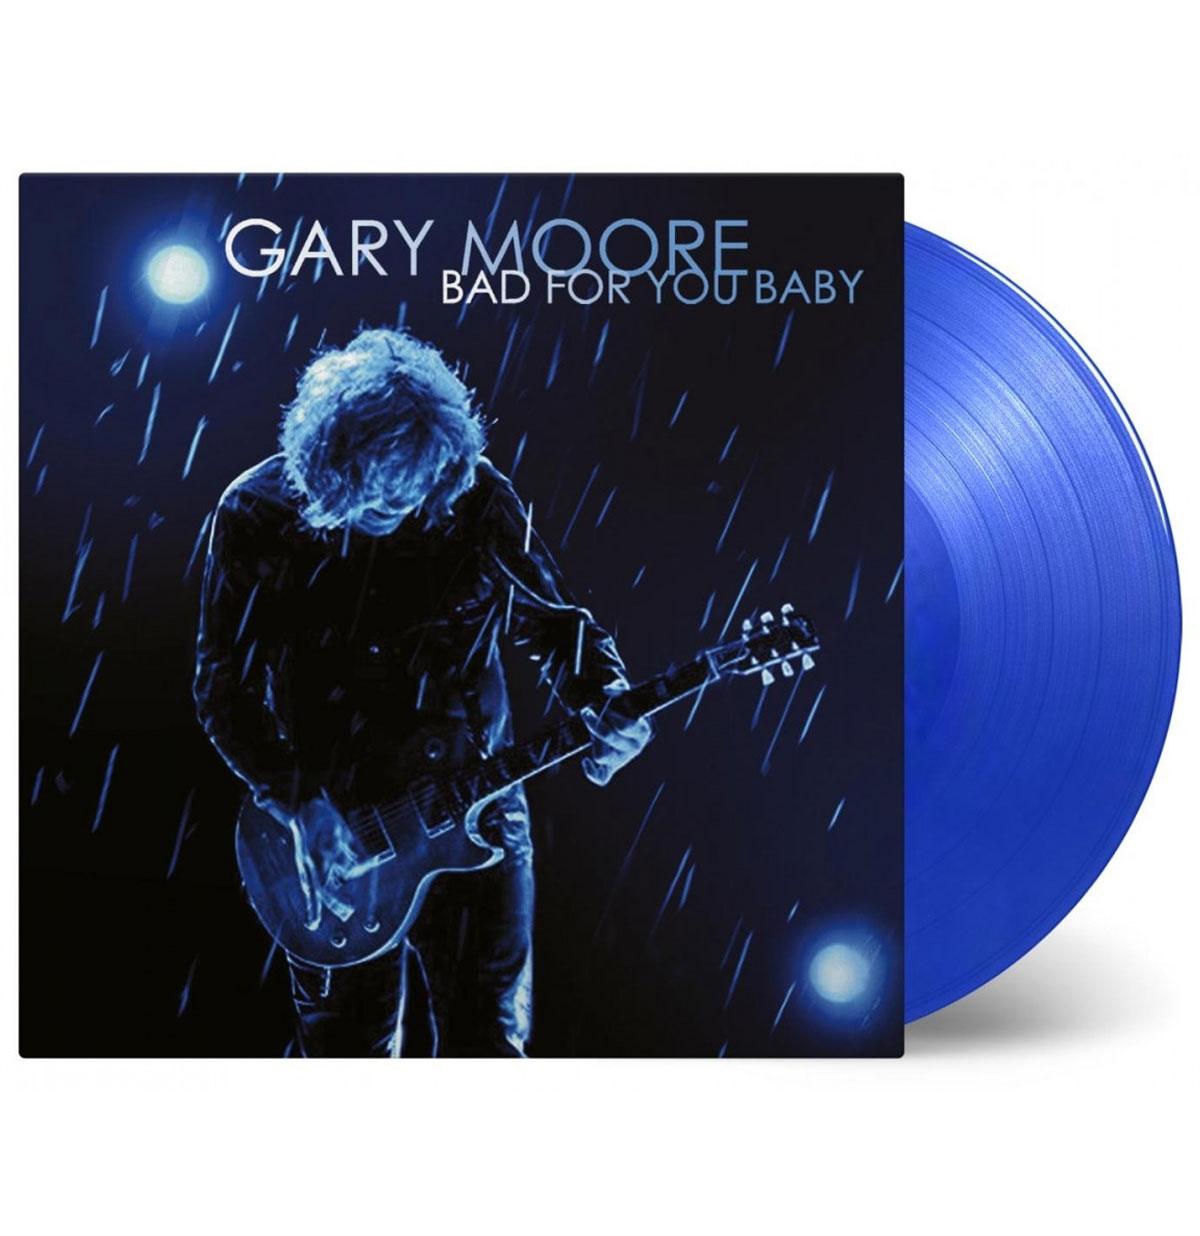 Gary Moore - Bad For You Baby 2LP - GELIMITEERDE OPLAGE